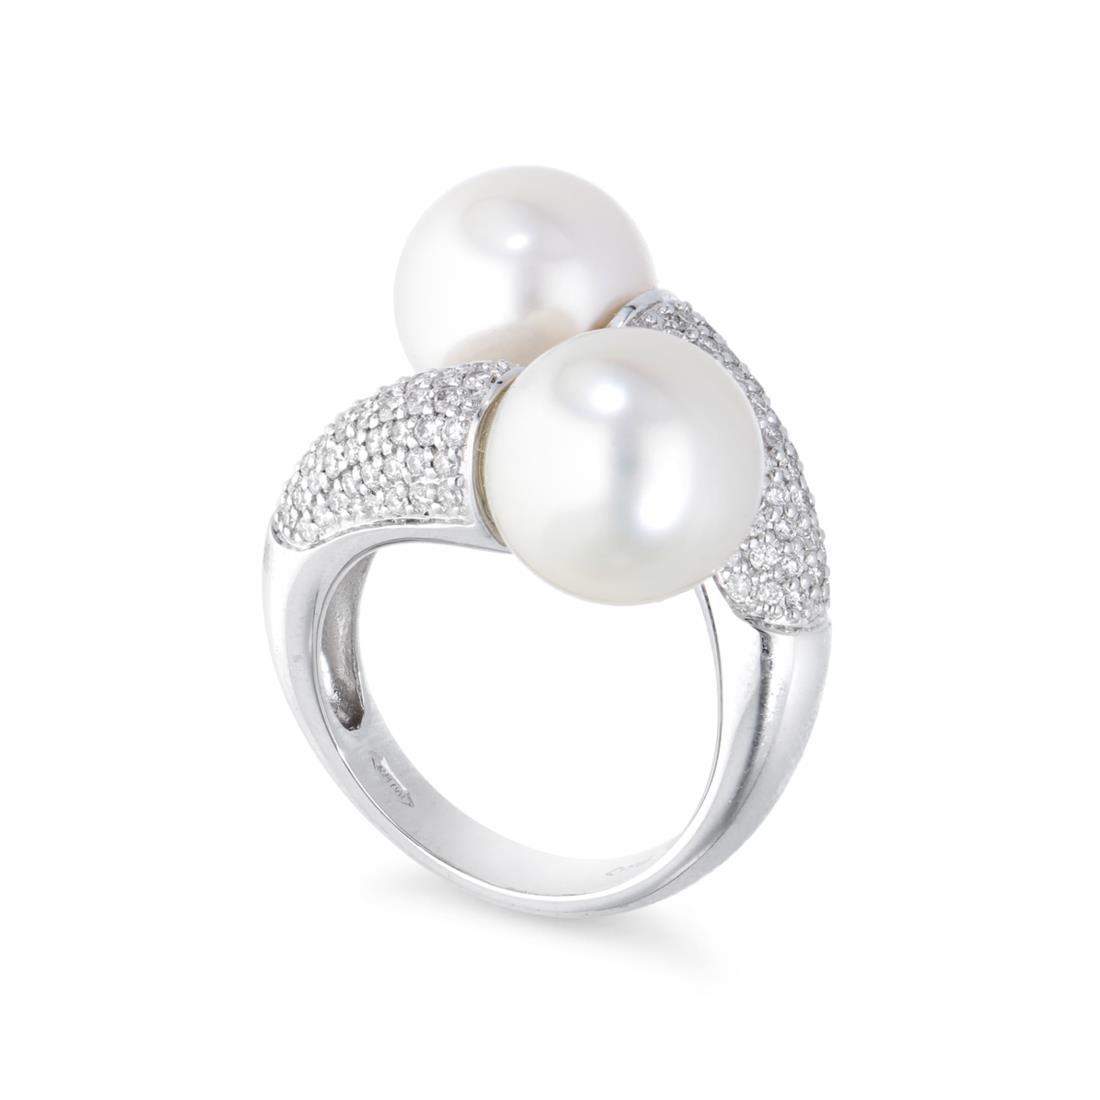 Anello con perle e diamanti - MAYUMI